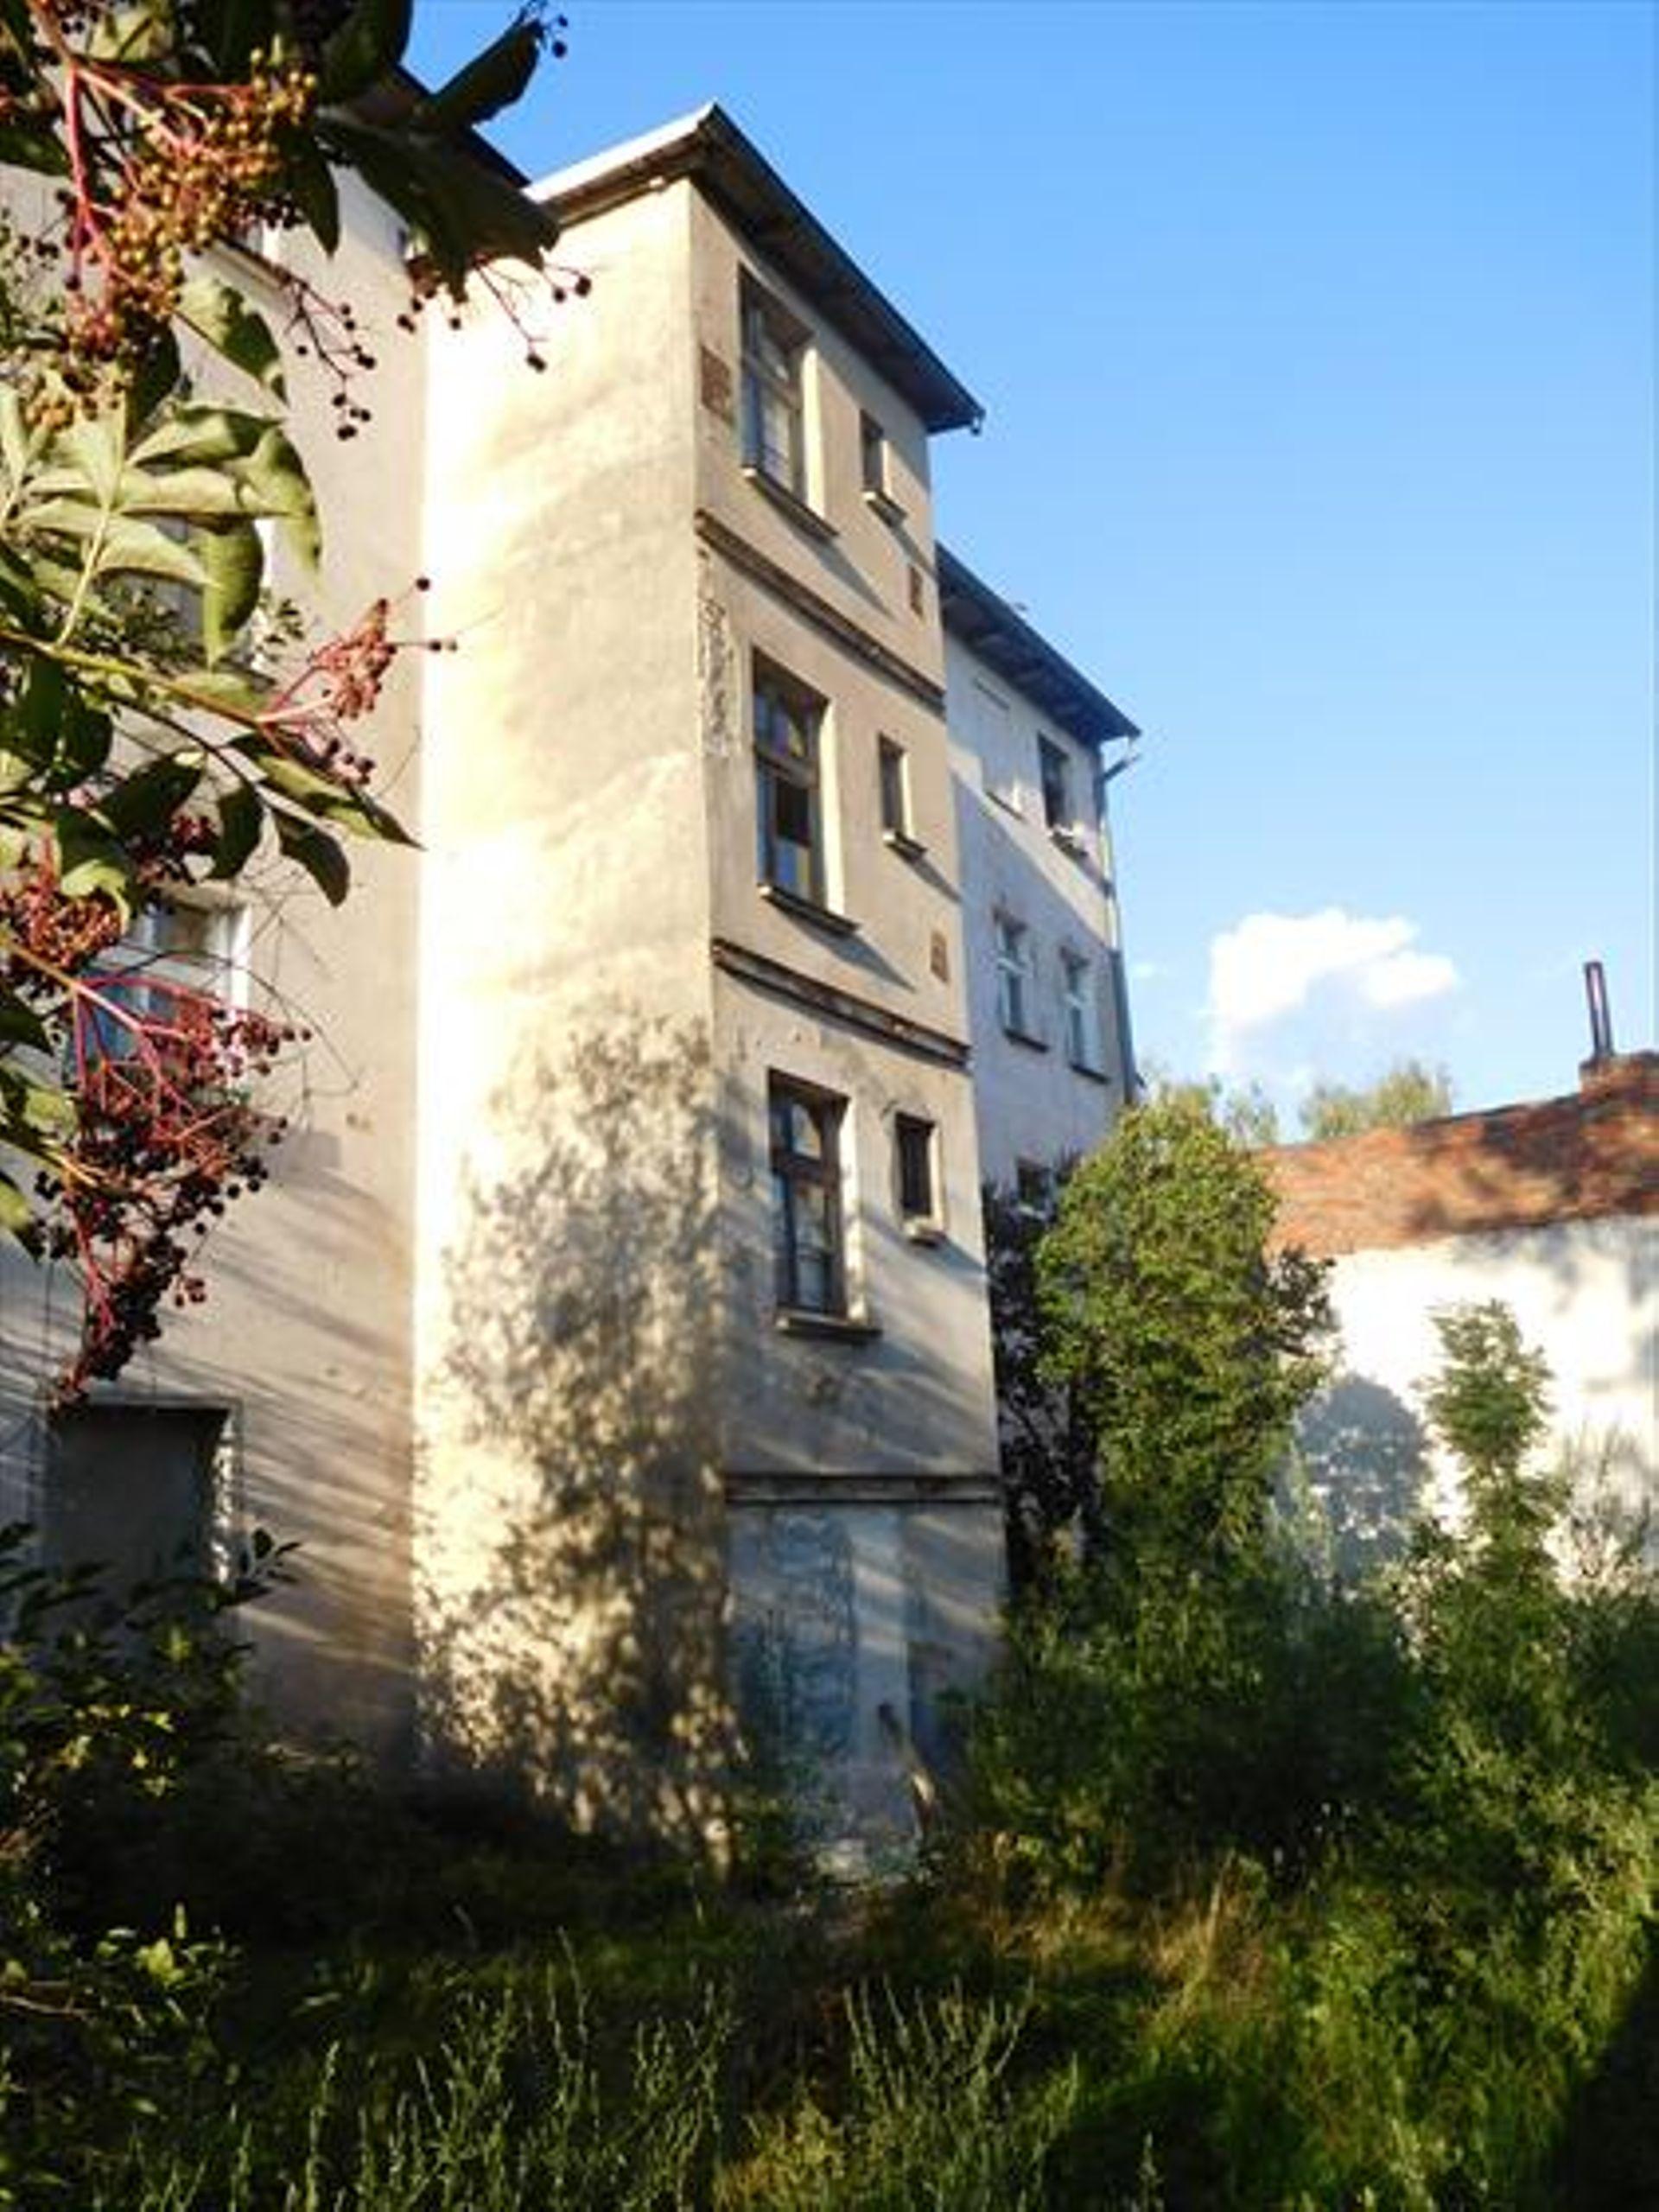 Wrocław: Zabytkowa kamienica w Leśnicy trafiła w prywatne ręce. Są zalecenia konserwatora